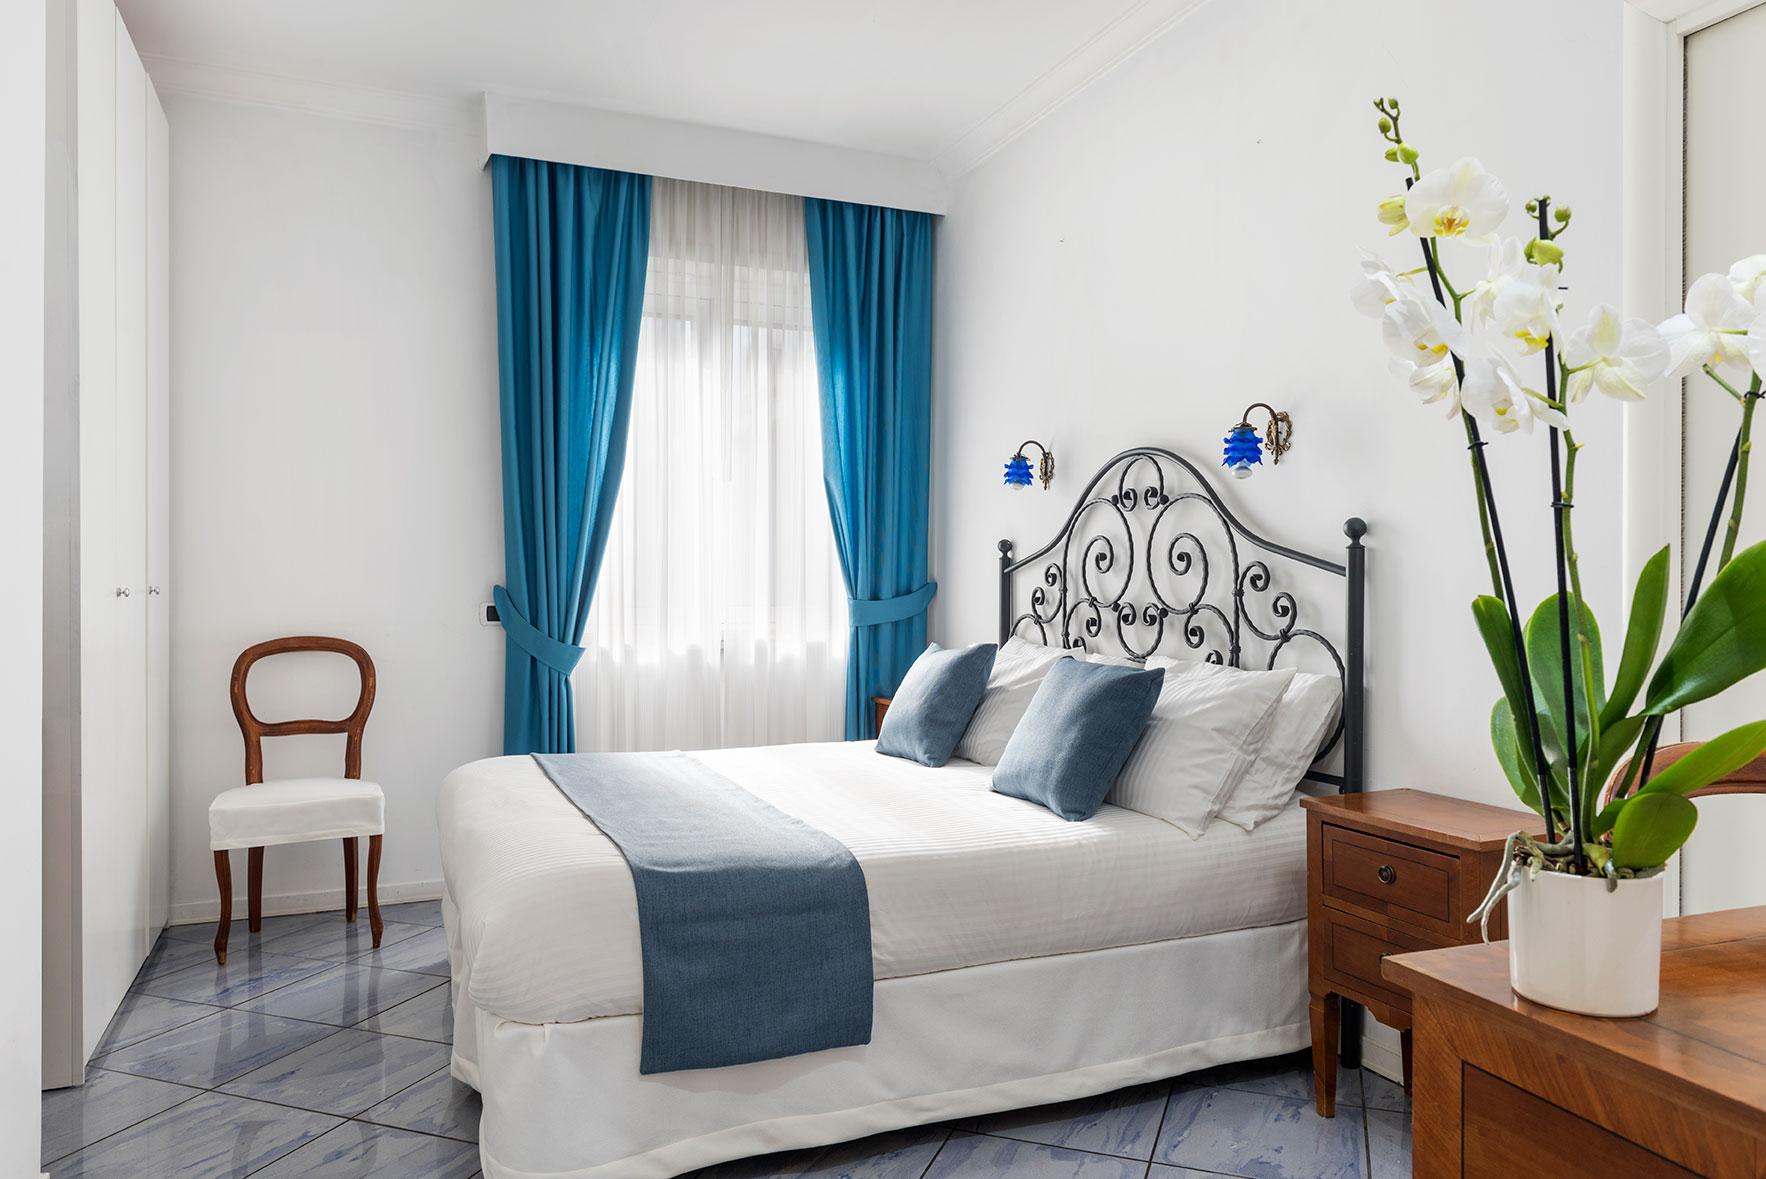 camere-classic-fiorentini-residence-napoli-9